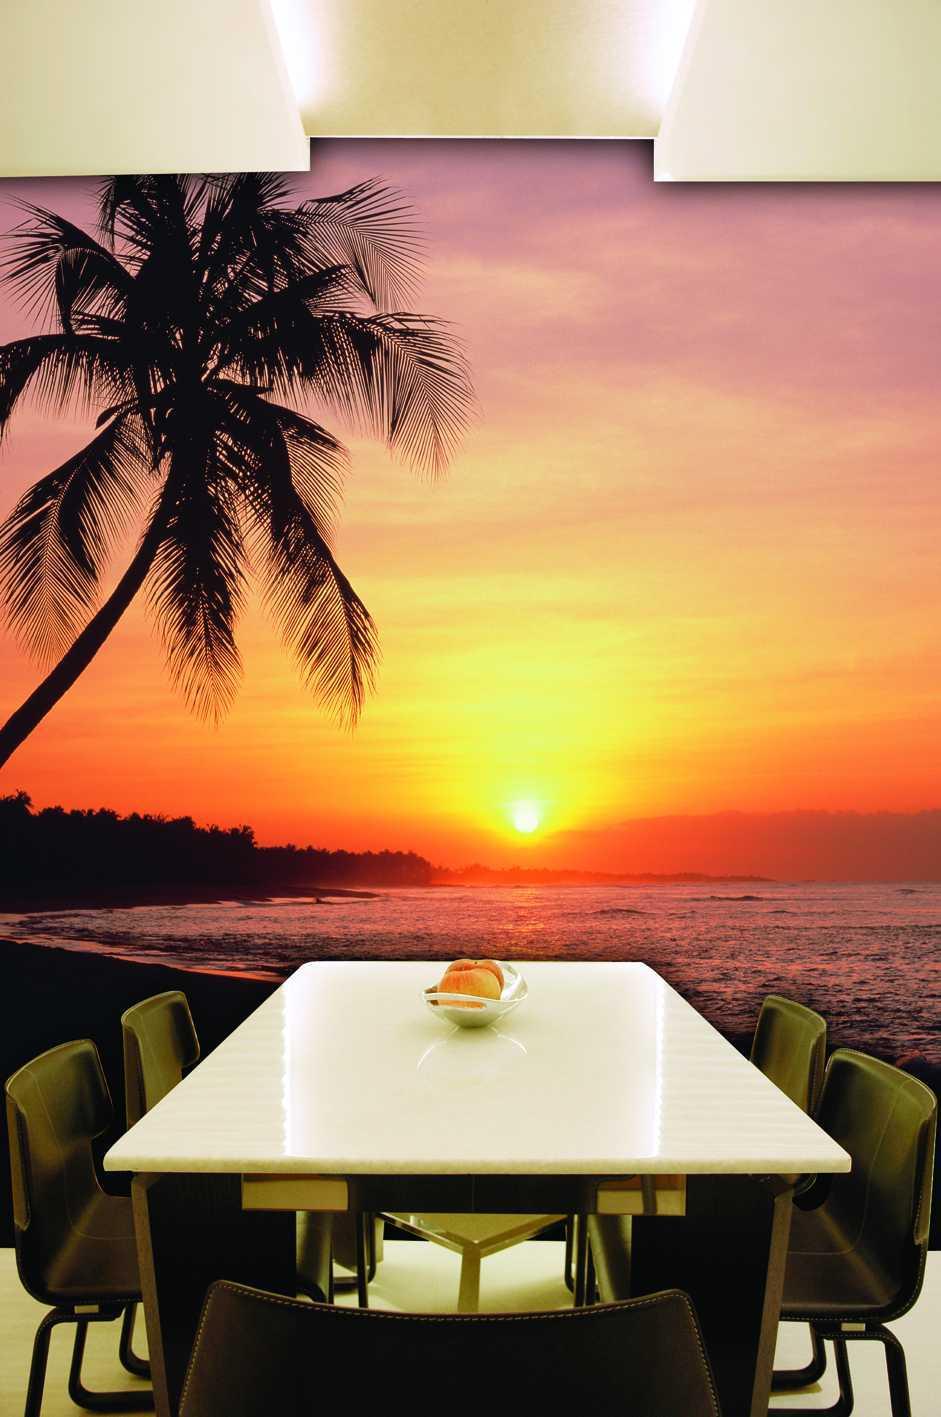 PhotowallPercetakan Wallpaper PemandanganSunset Pantai Laut